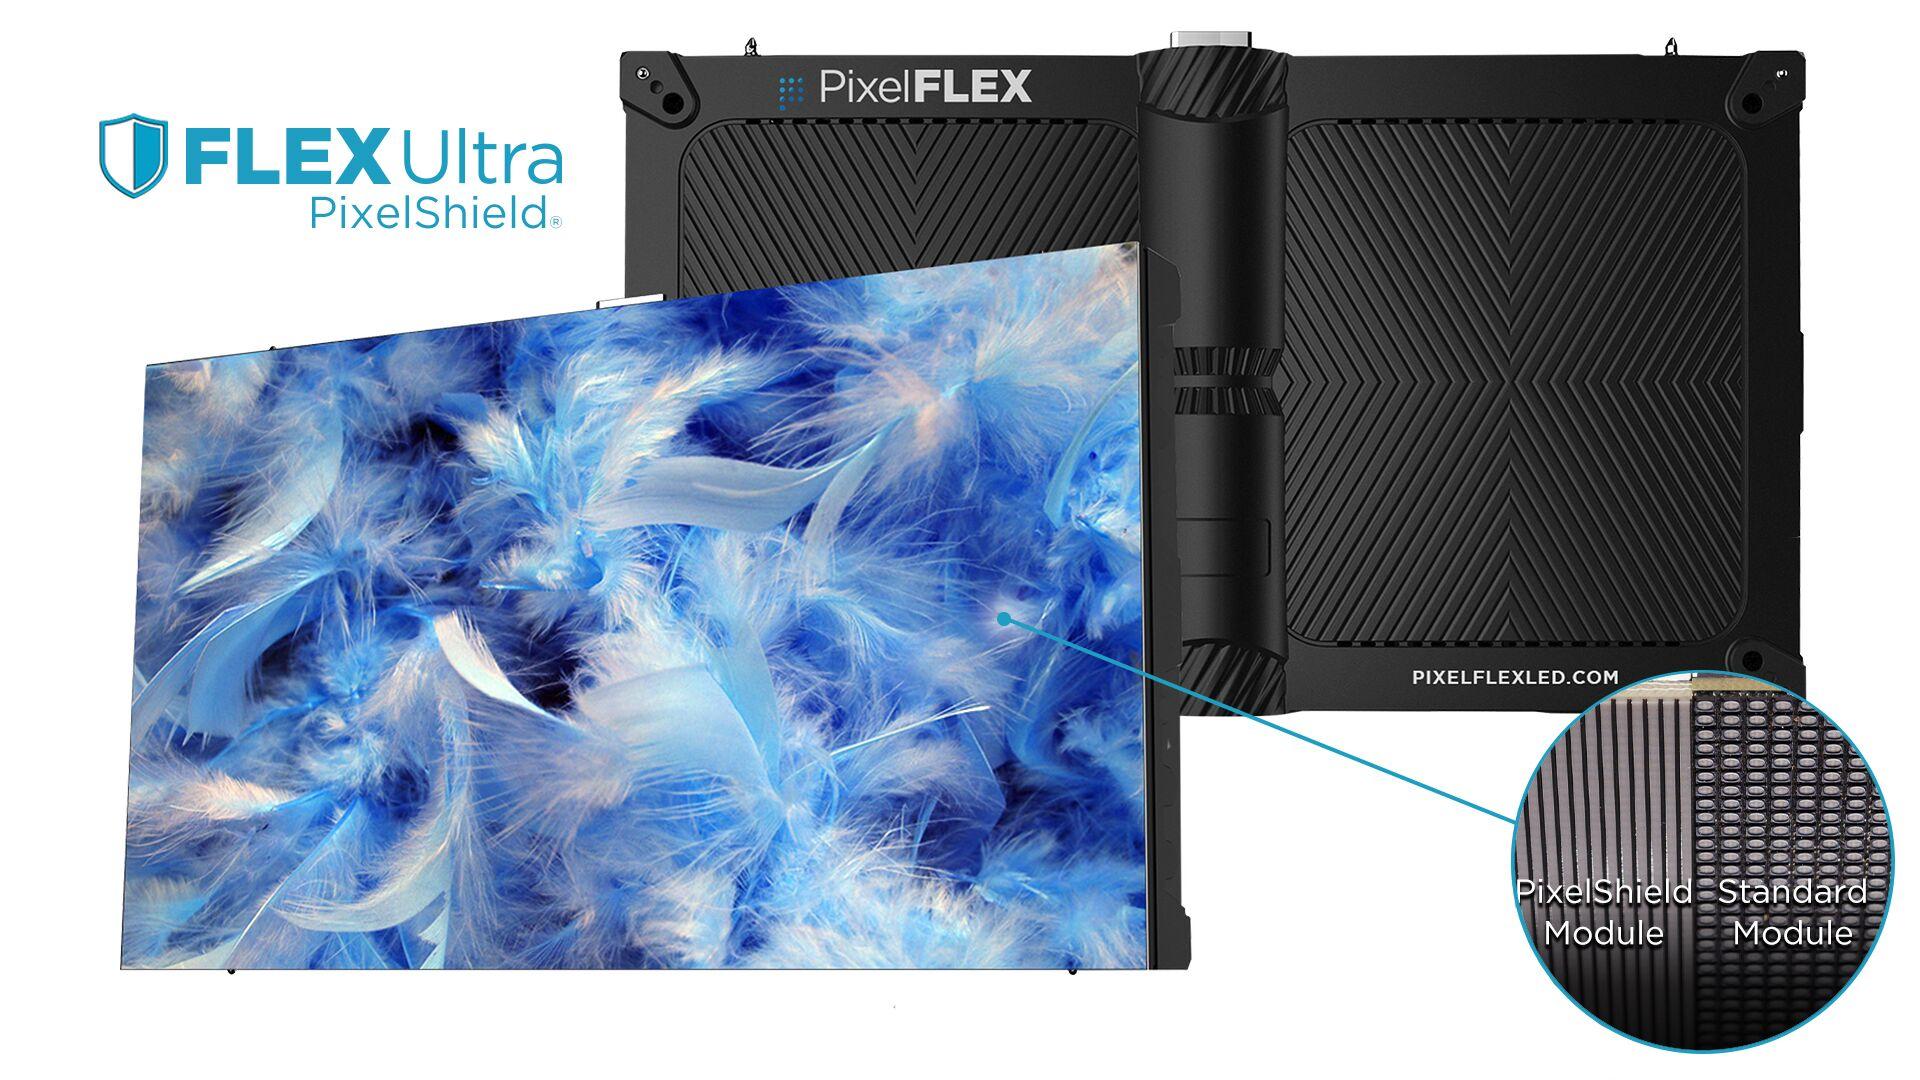 PixelFLEX, FLEXUltra PixelShield